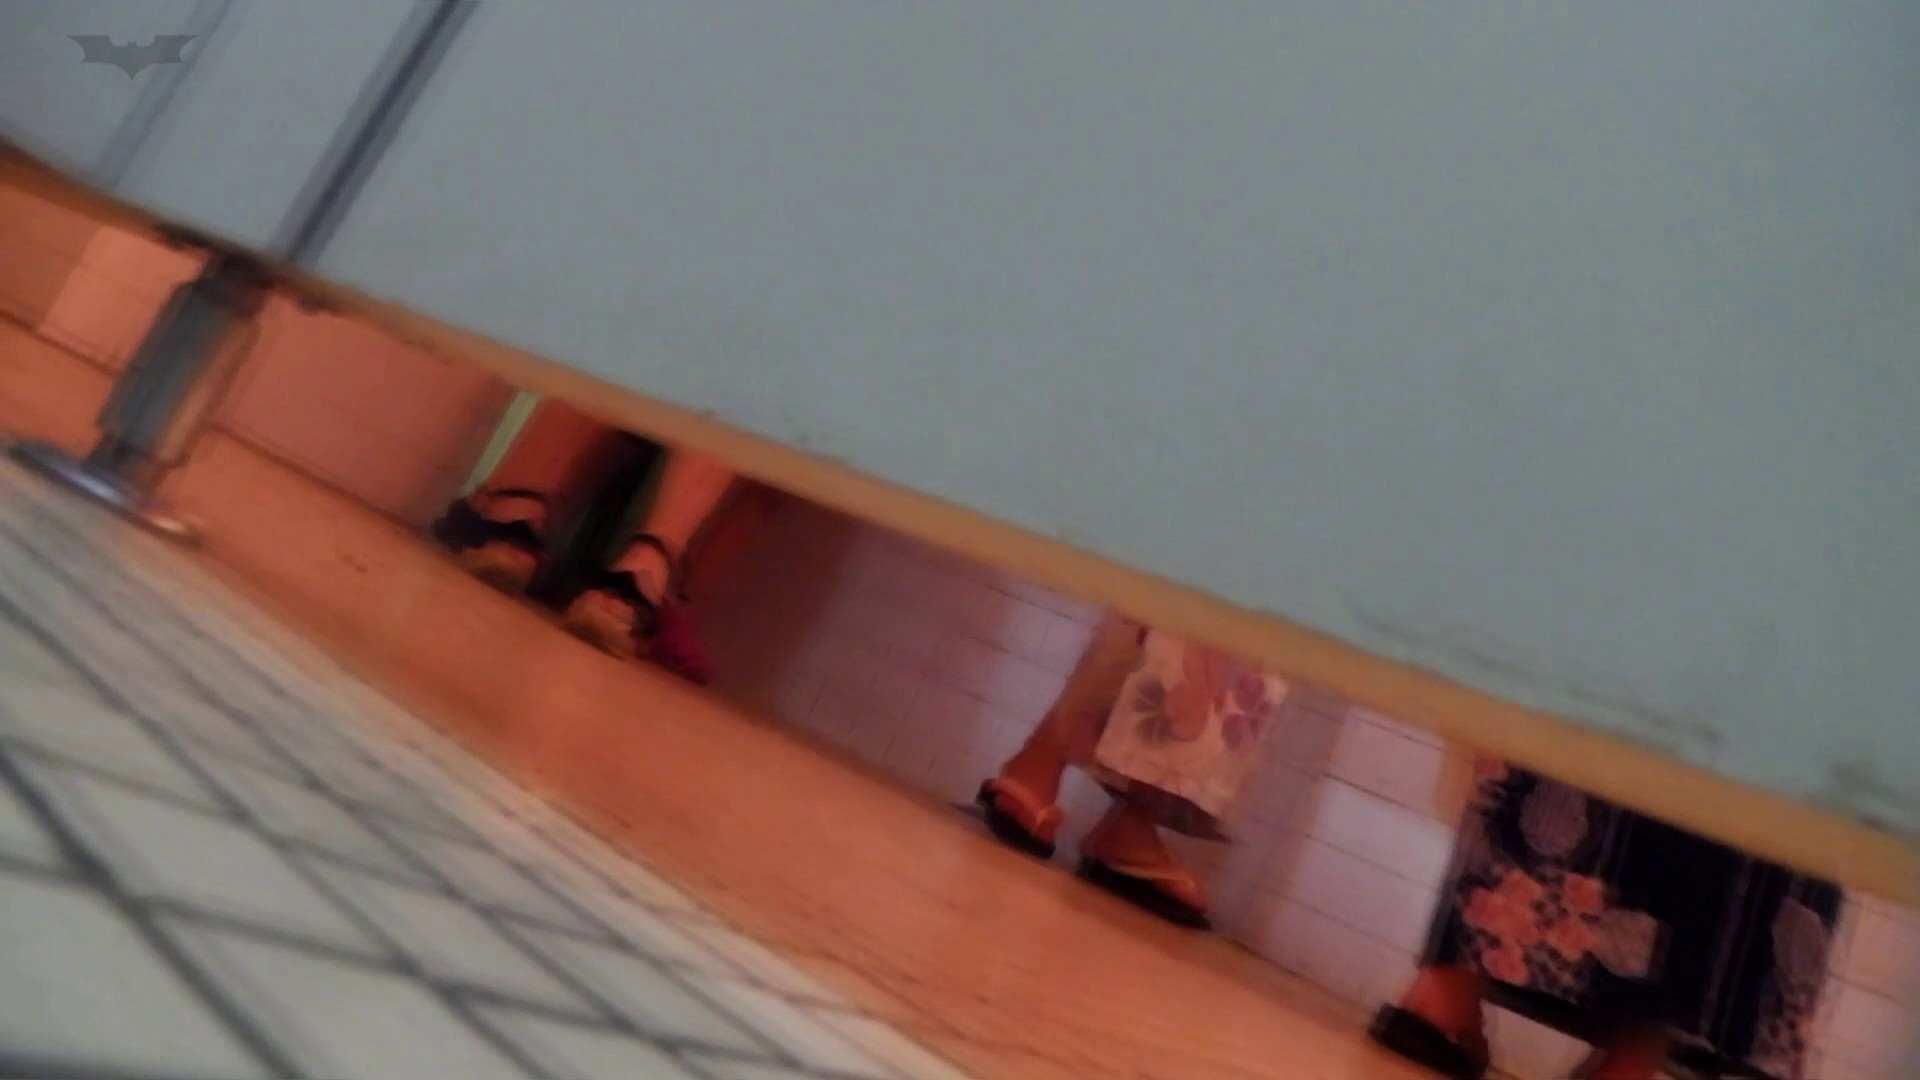 ▲復活限定▲マンコ丸見え!花火大会潜入撮 Vol.02 明るい場所に移動! お姉さん  62PIX 40